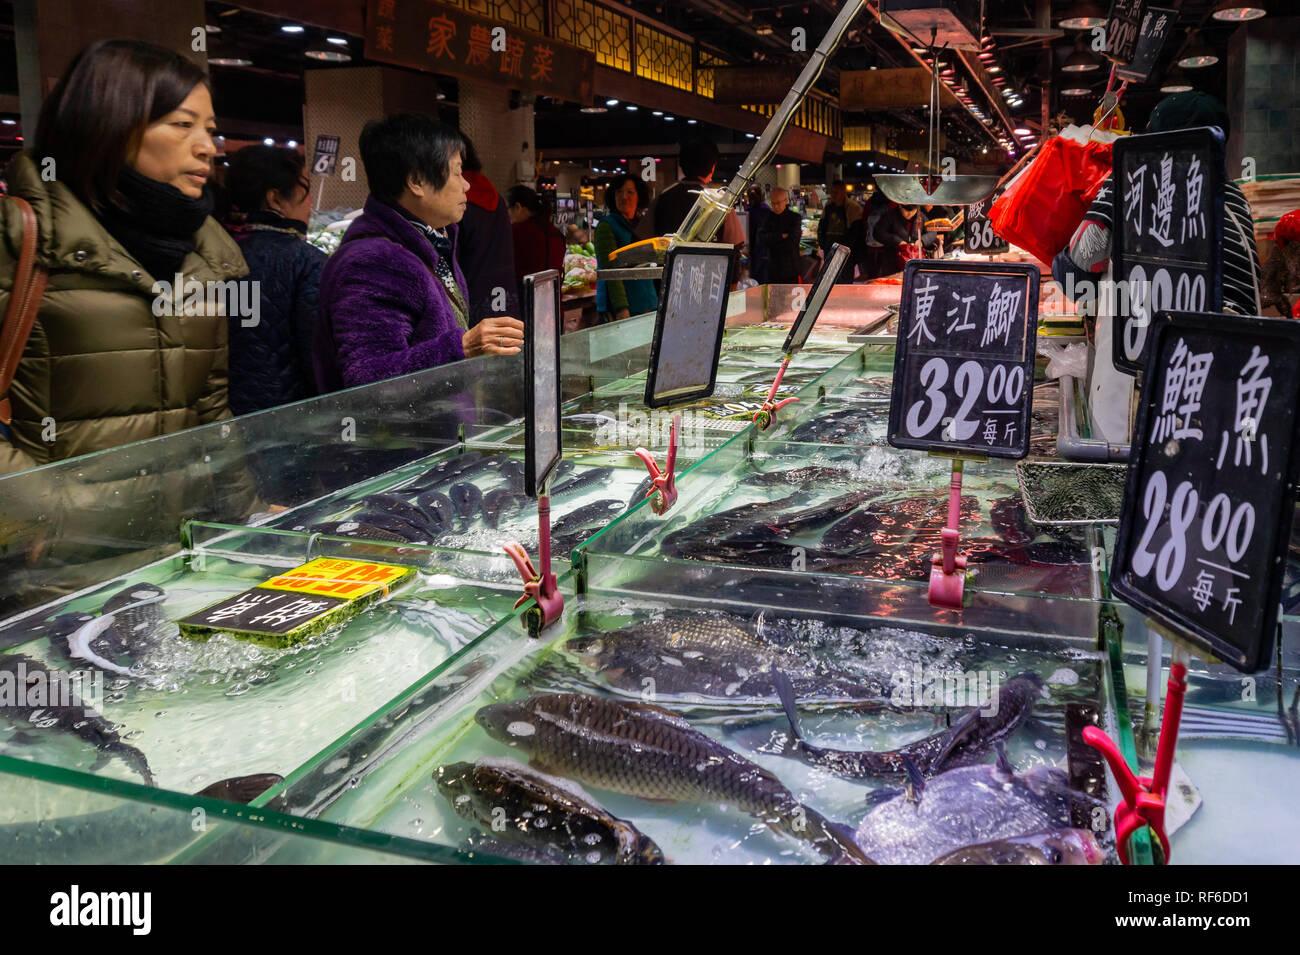 Hong Kong, DEC 31: Many fish selling in the Hong Kong Market - Yat Tung on DEC 31, 2018 at Hong Kong - Stock Image